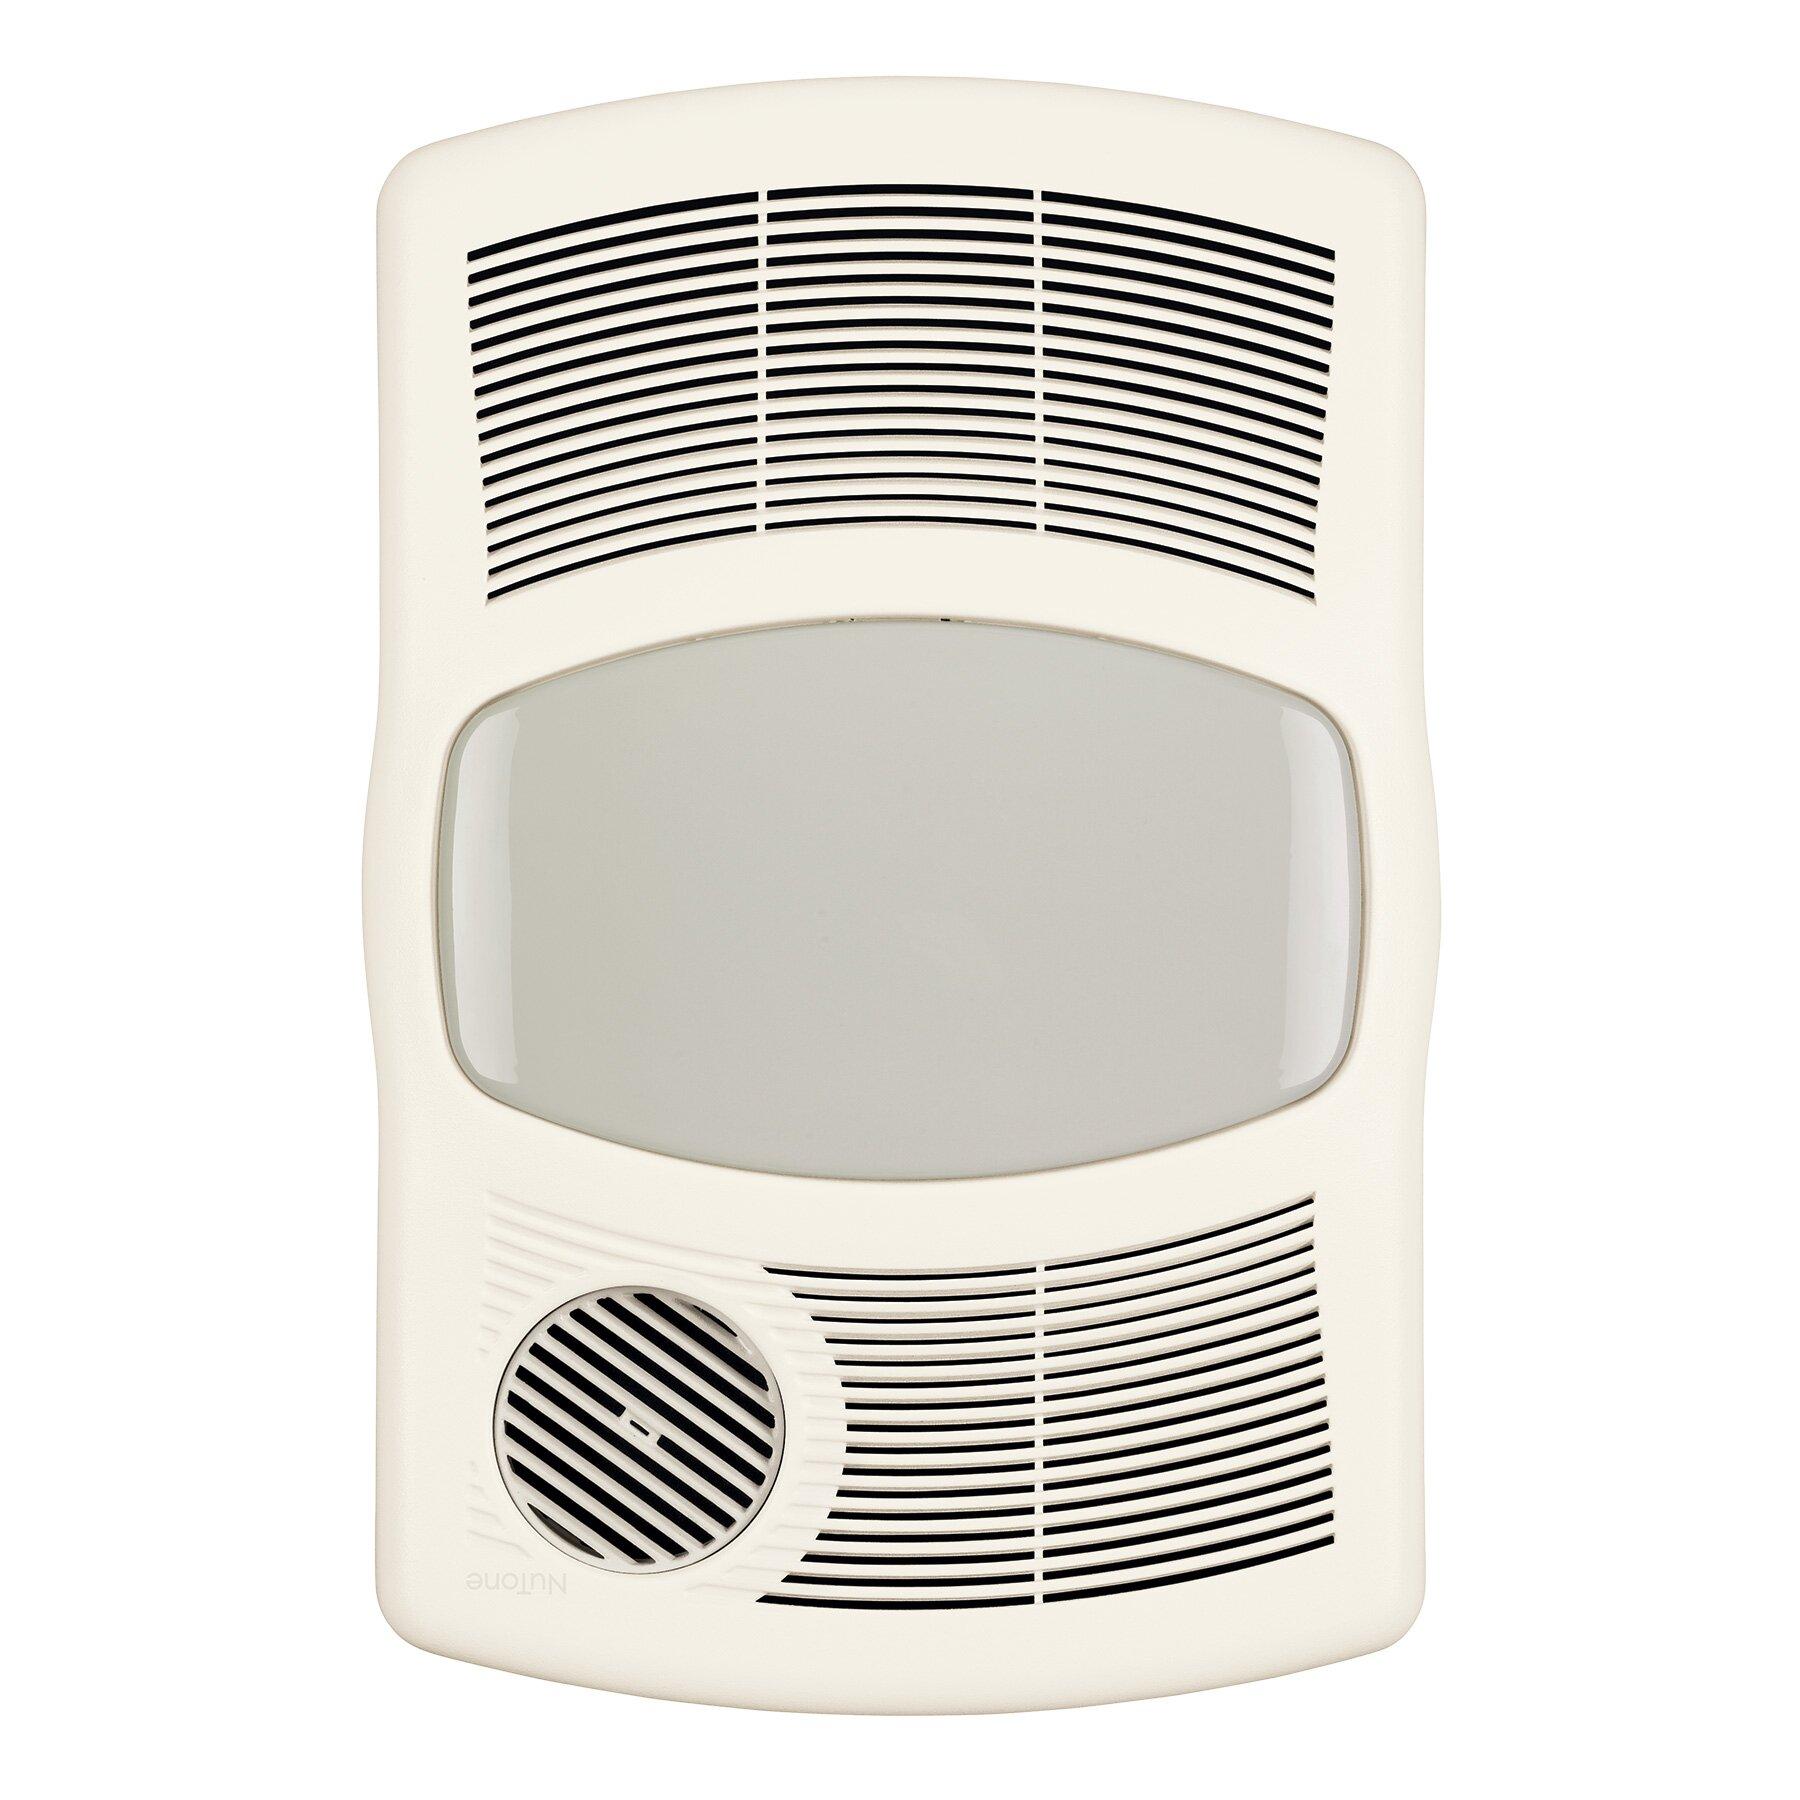 Bathroom Exhaust Heater Broan 100 Cfm Exhaust Bathroom Fan With Heater Reviews Wayfair